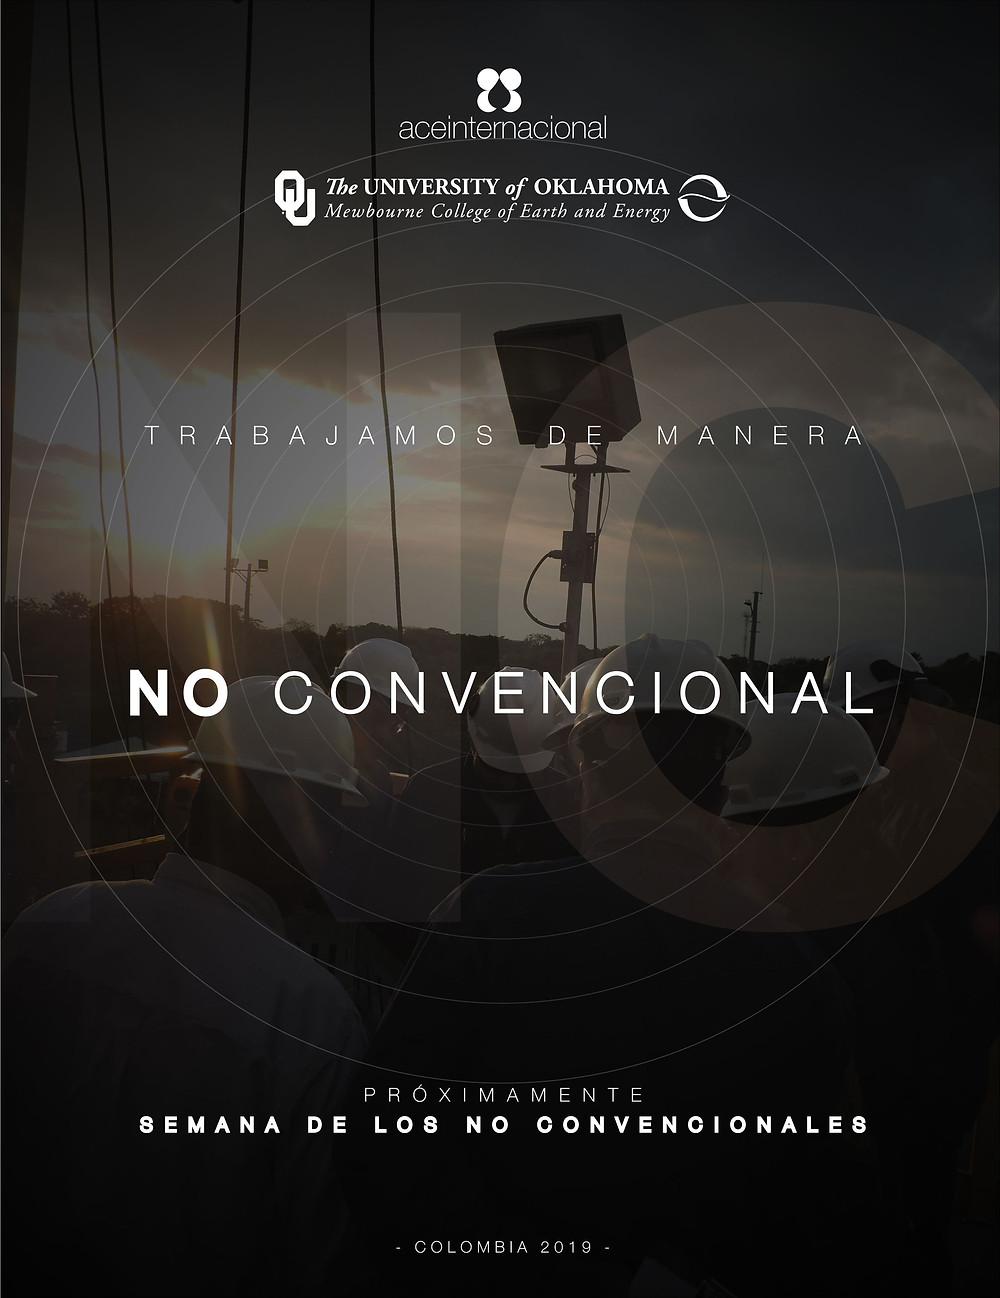 Curso Medellín Colombia ACE Internacional - Yacimientos No Convencionales